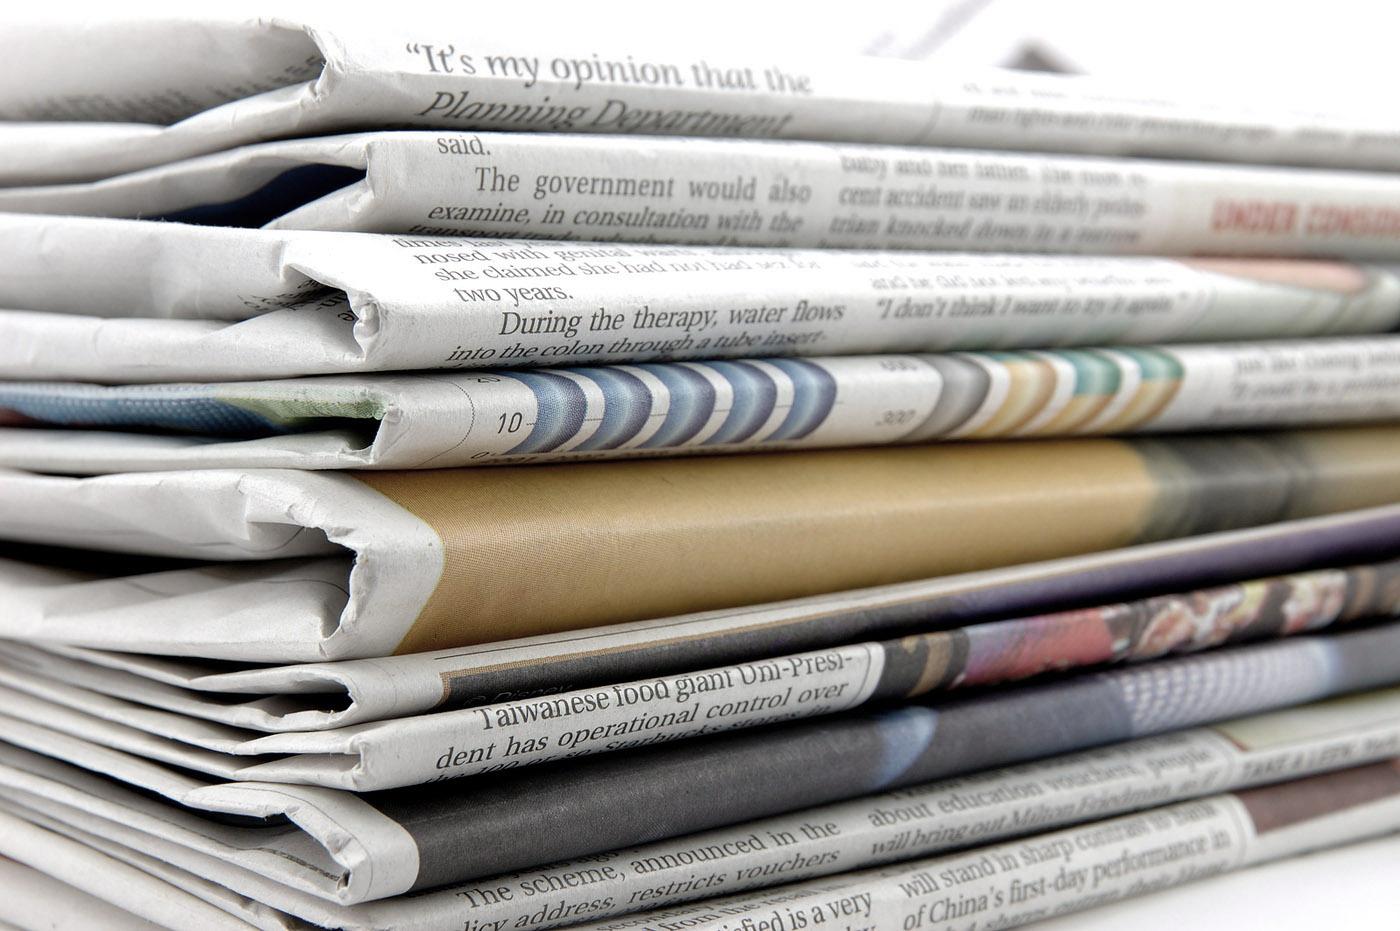 Hate speech: La Stampa decide di cancellare i commenti razzisti e bannare gli autori